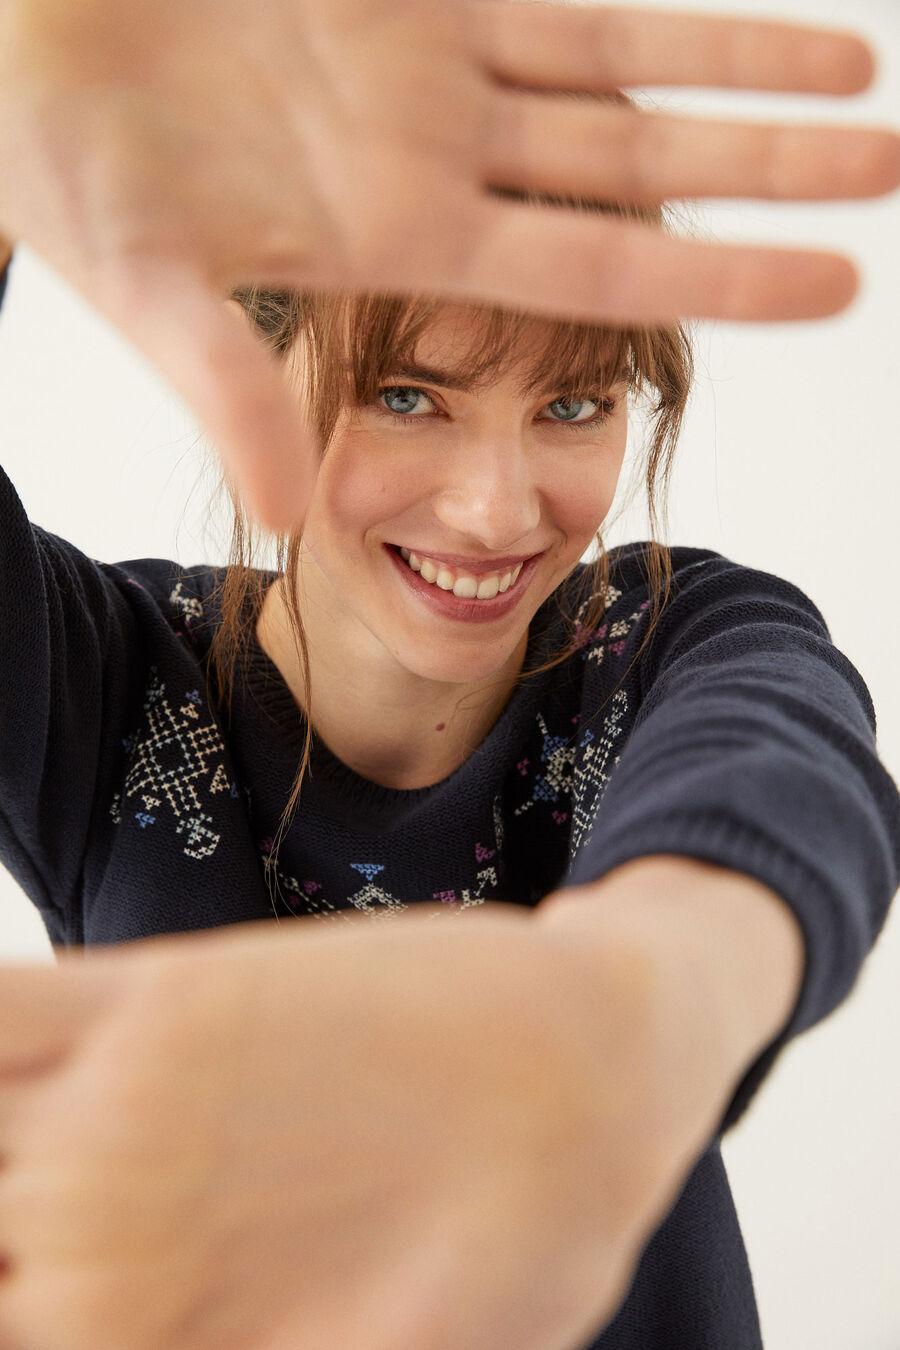 Artikel klicken und genauer betrachten! - Langarm-pullover mit rundhalsausschnitt und geometrischen stickereien mit lurexdetail vorne. Pullover geometrische stickereien lurex springfield   im Online Shop kaufen